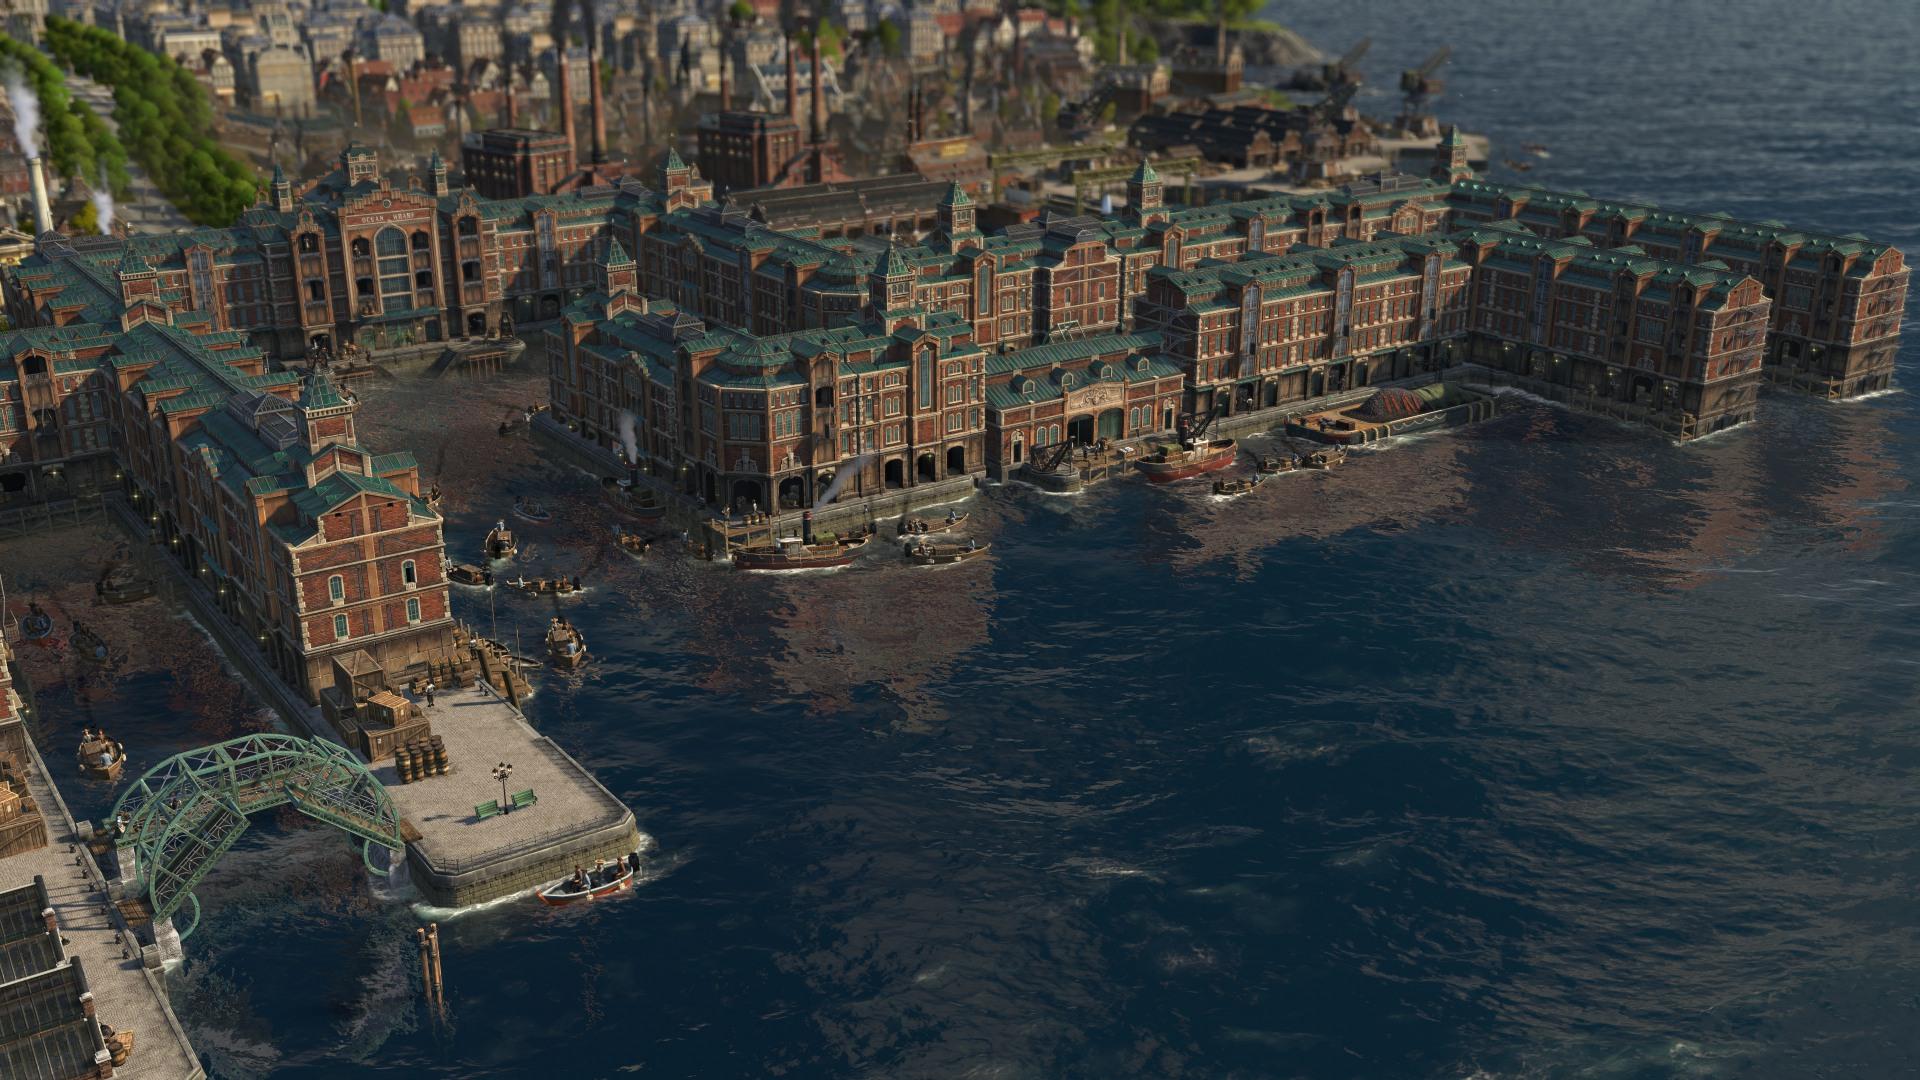 Anno1800_DLC7_Docklands_Screenshot_4-495116033a0dc3a7e11.29012782.jpg